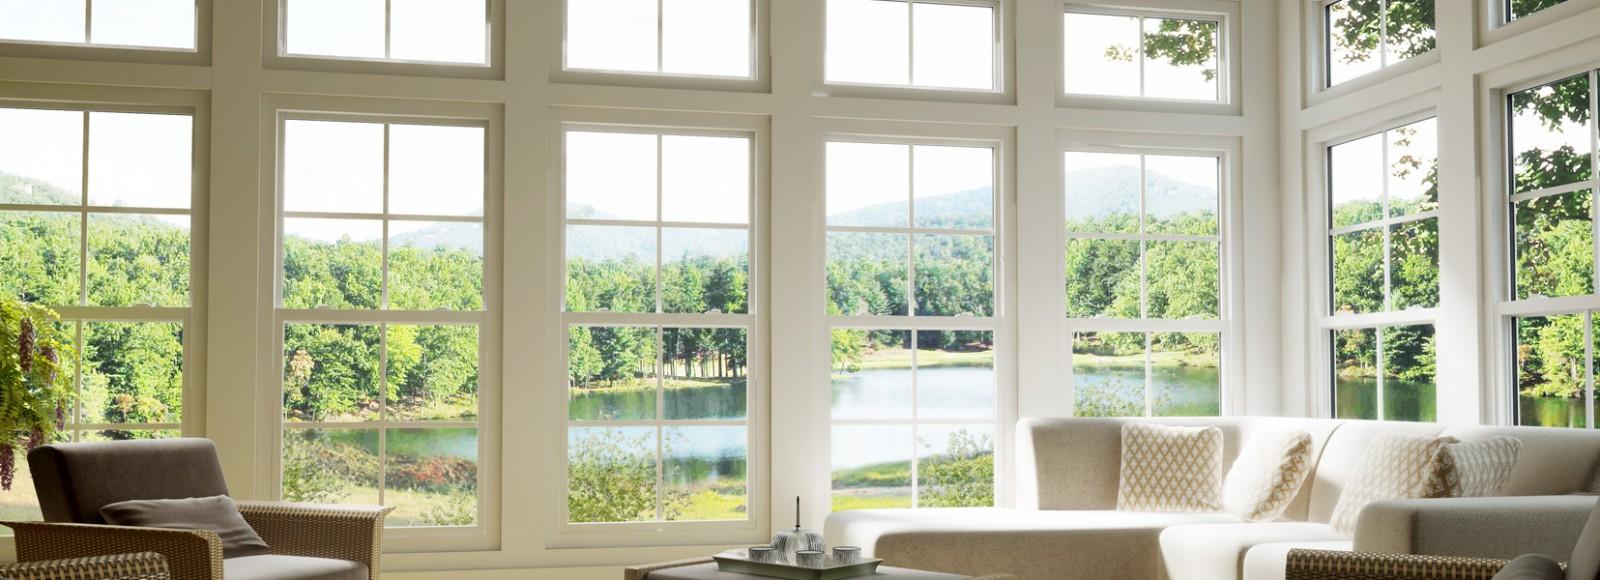 Ventanas jm puertas principales y ventanas cuauhtemoc - Ventanas aislantes termicas ...